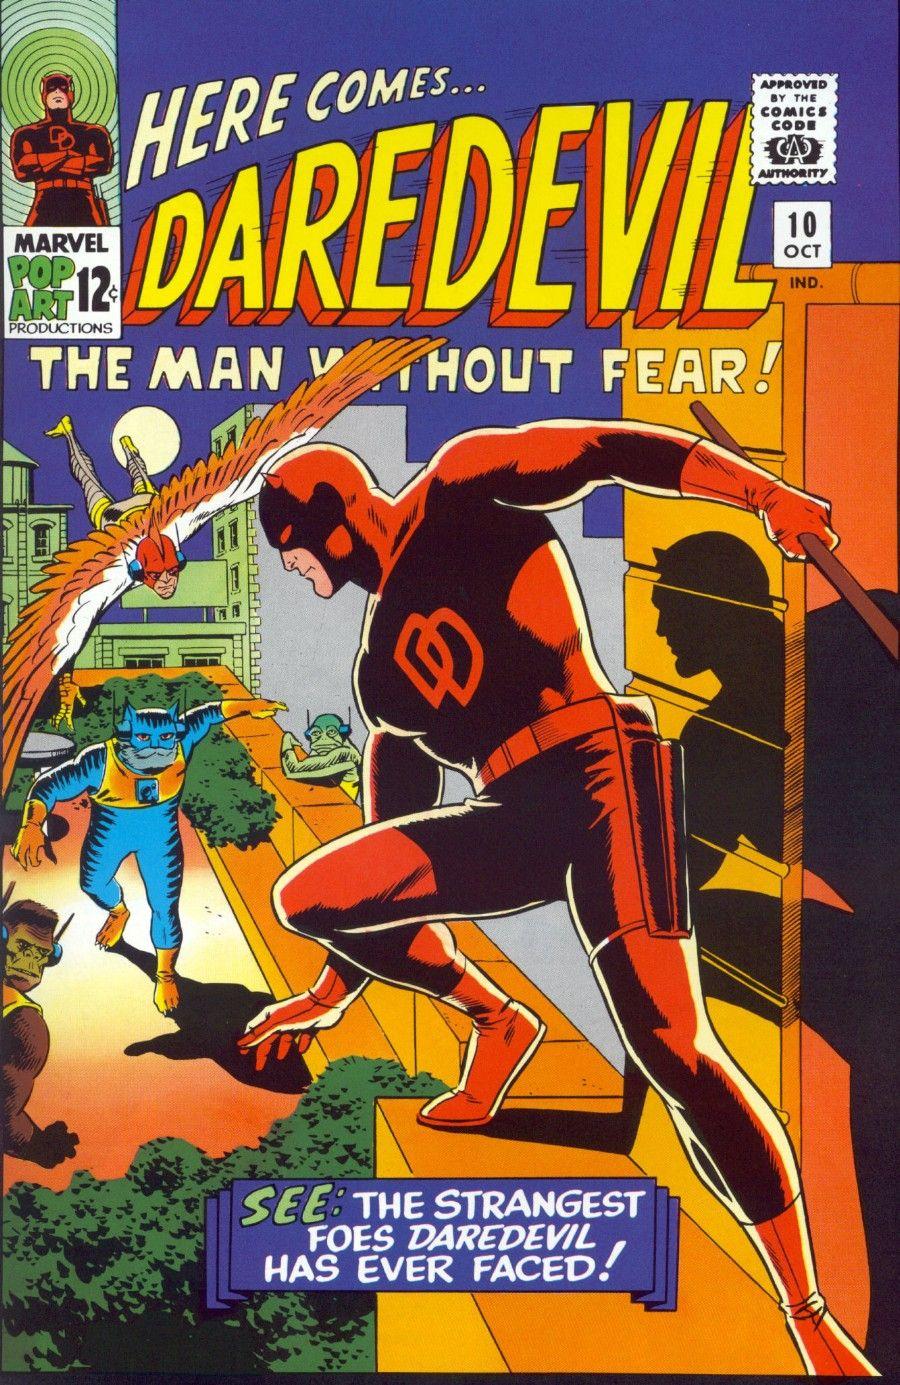 Daredevil #10 Marvel Comics